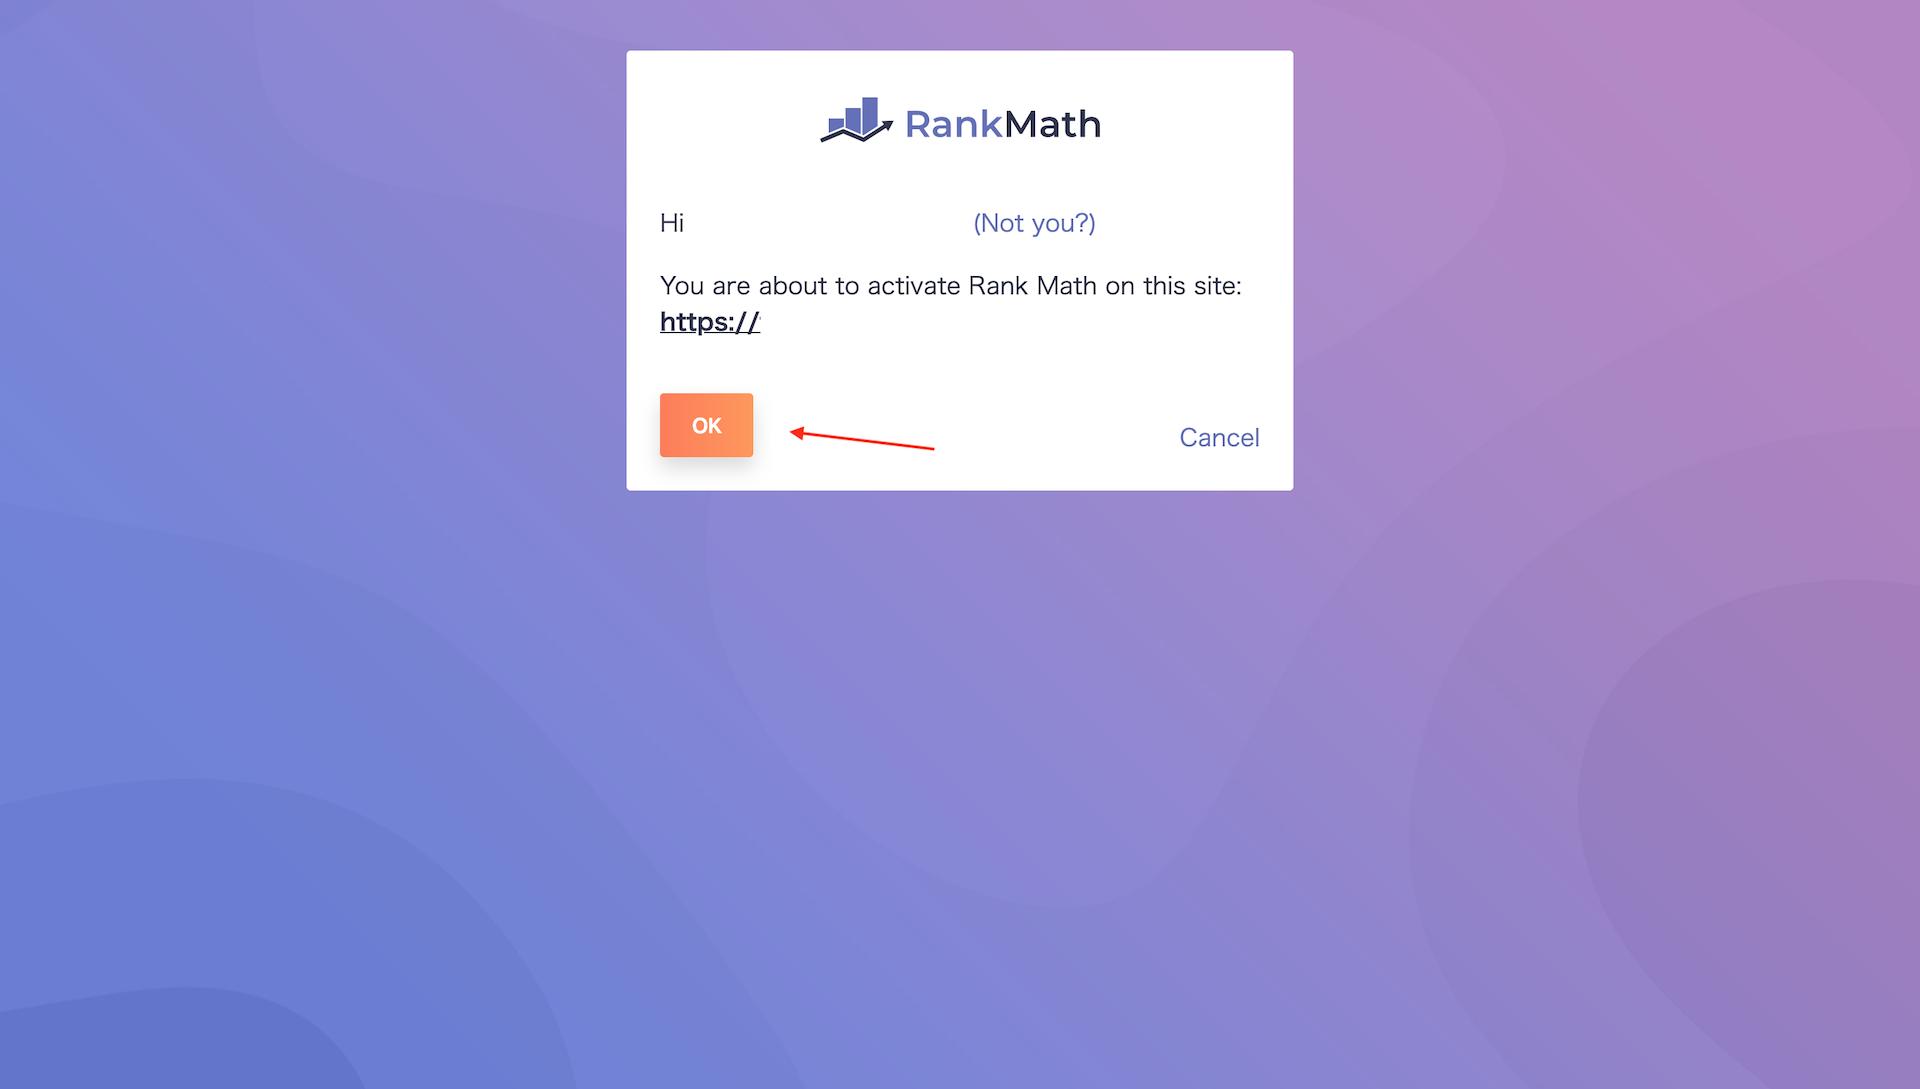 Rank Mathの画面でOKボタンをクリックする